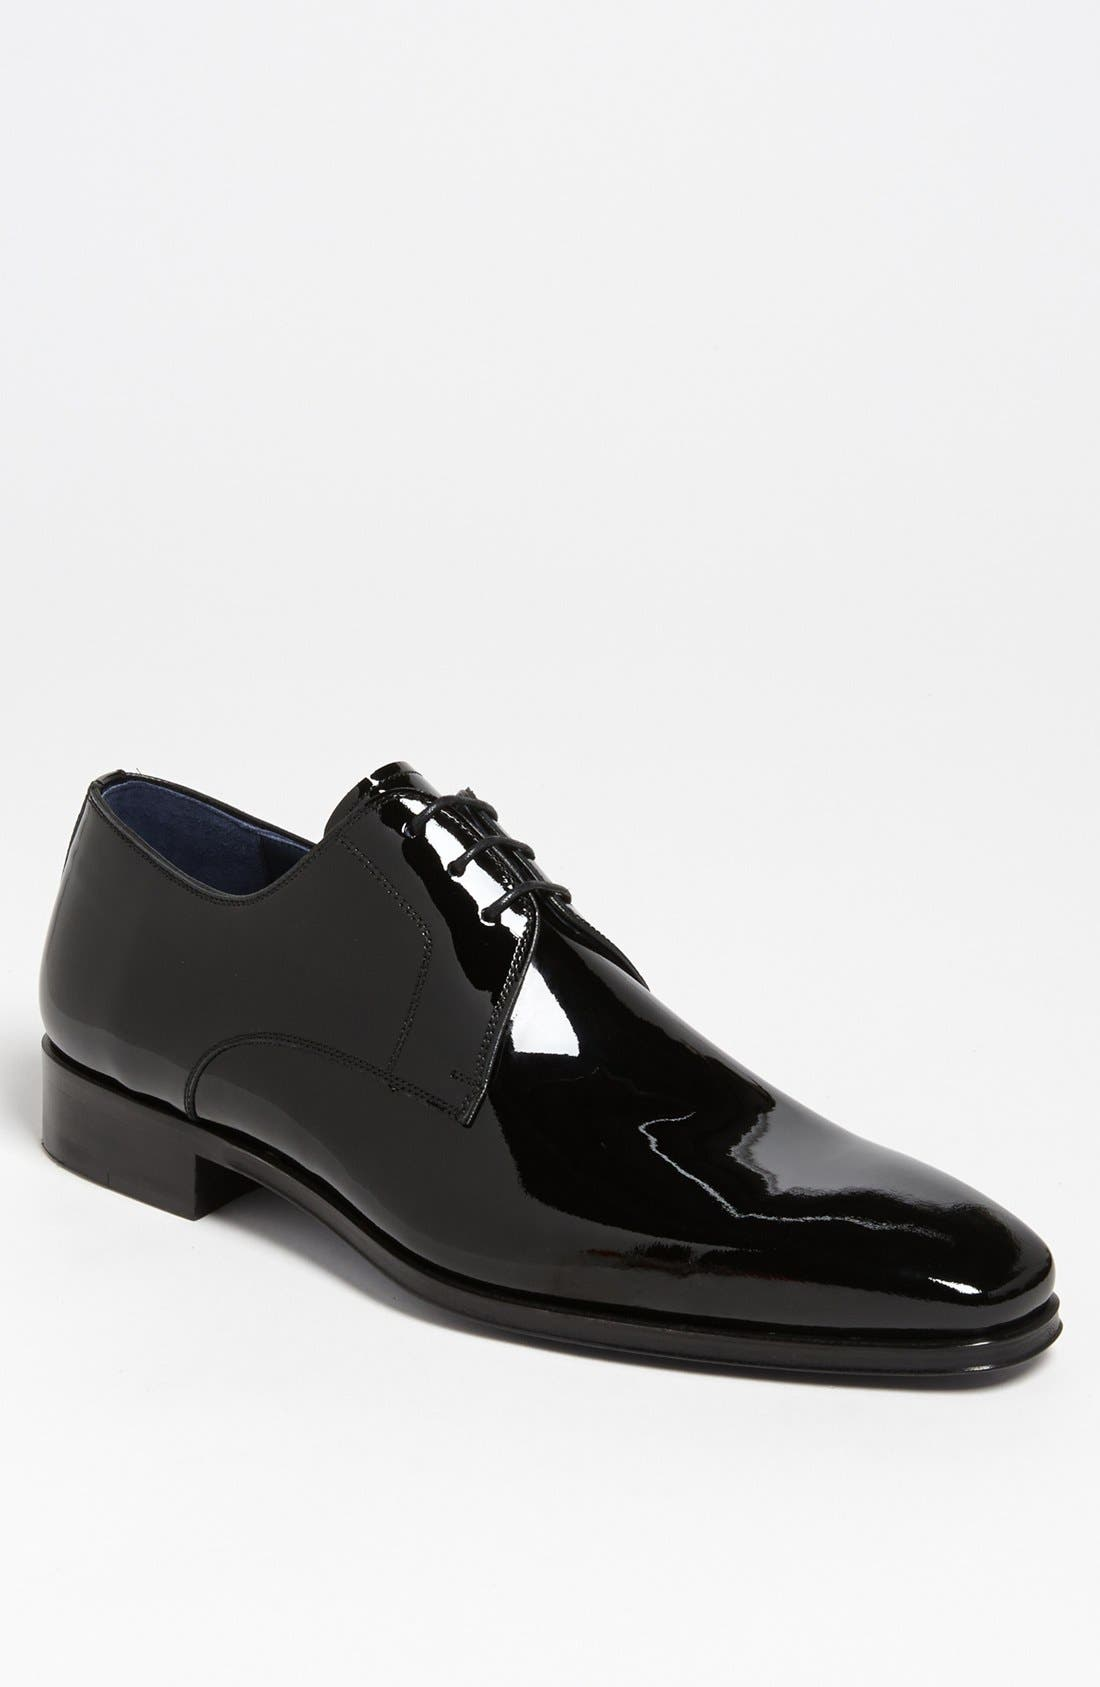 MAGNANNI 'Dante' Plain Toe Derby, Main, color, BLACK